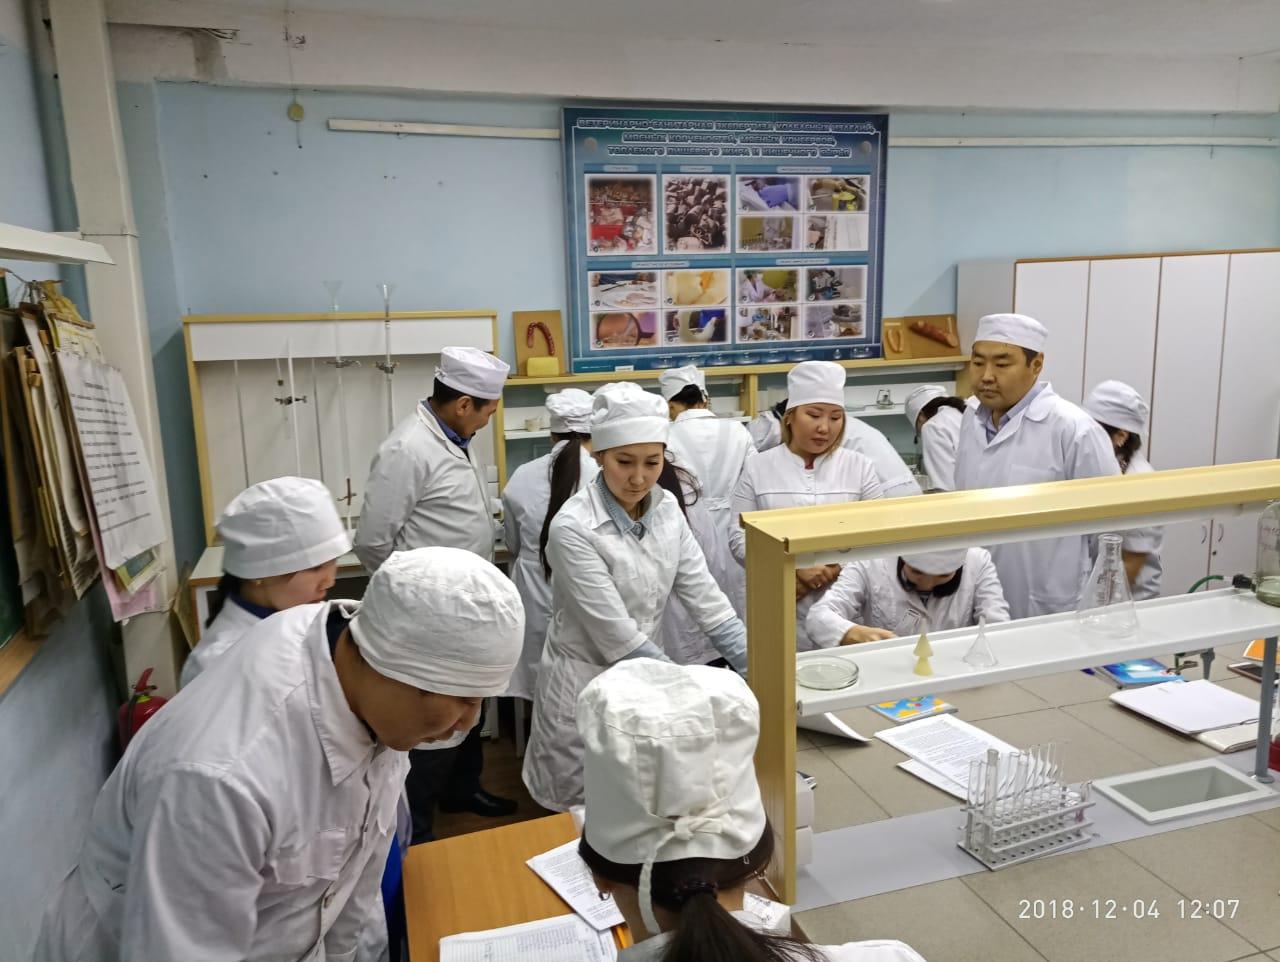 Формирование компетенций в образовательном конкурсе ЯГСХА